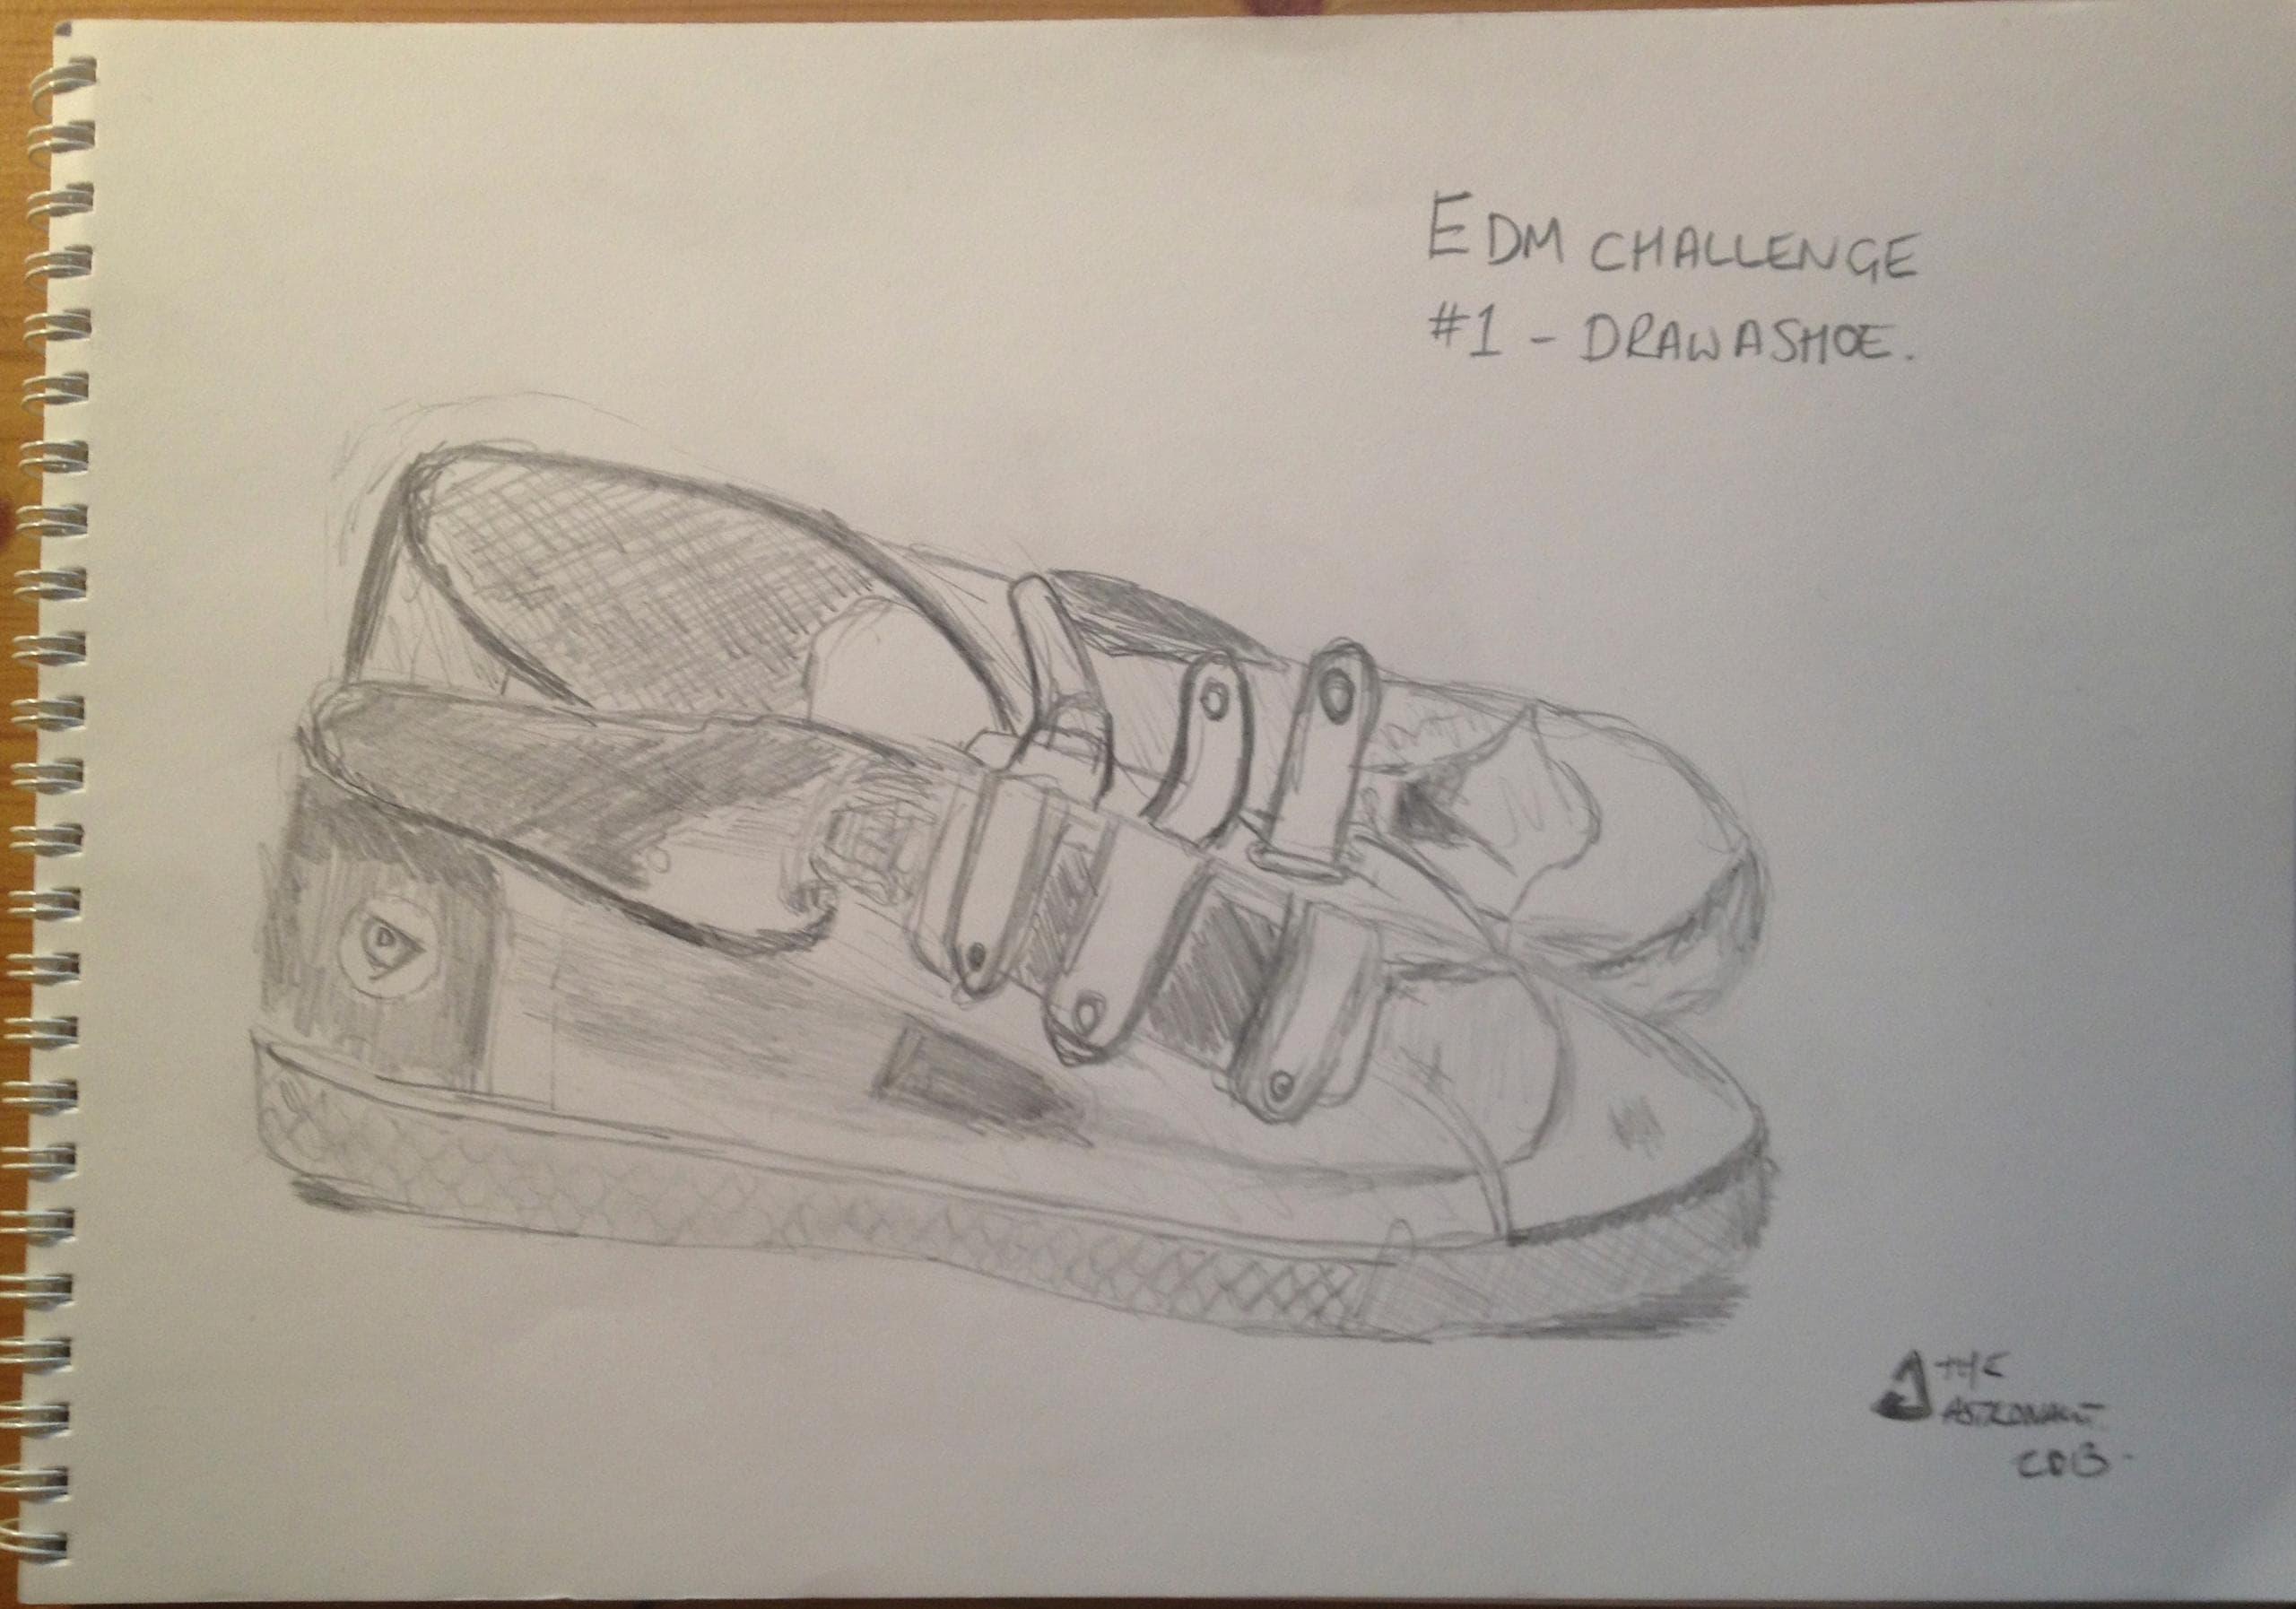 EDM #1 Draw A Shoe